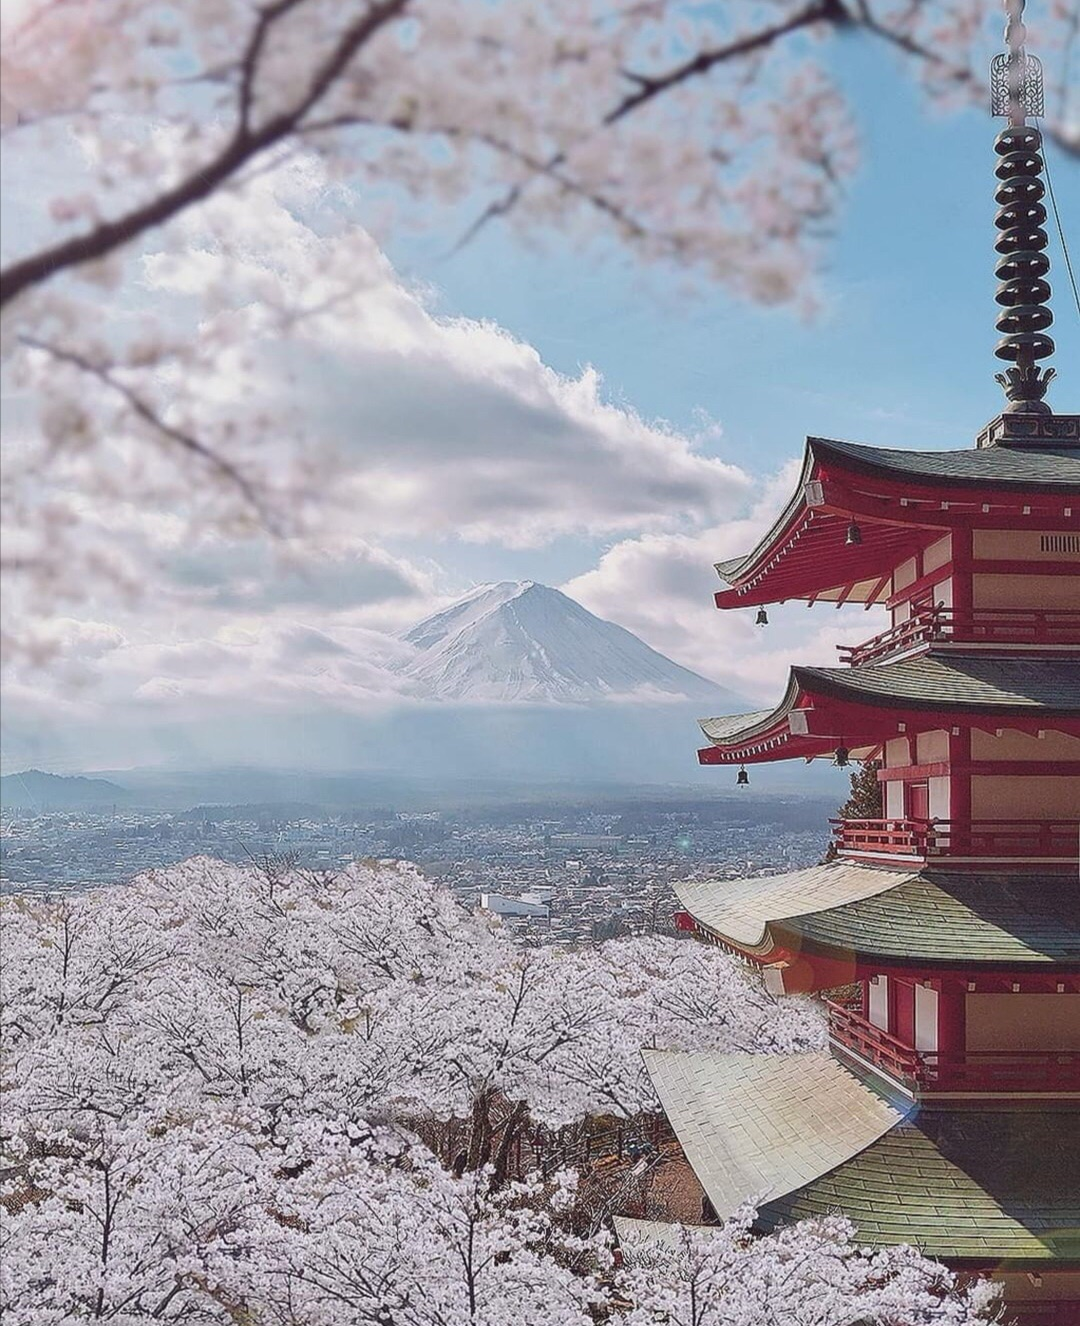 成都出发,2019年日本赏樱路线,纯干货